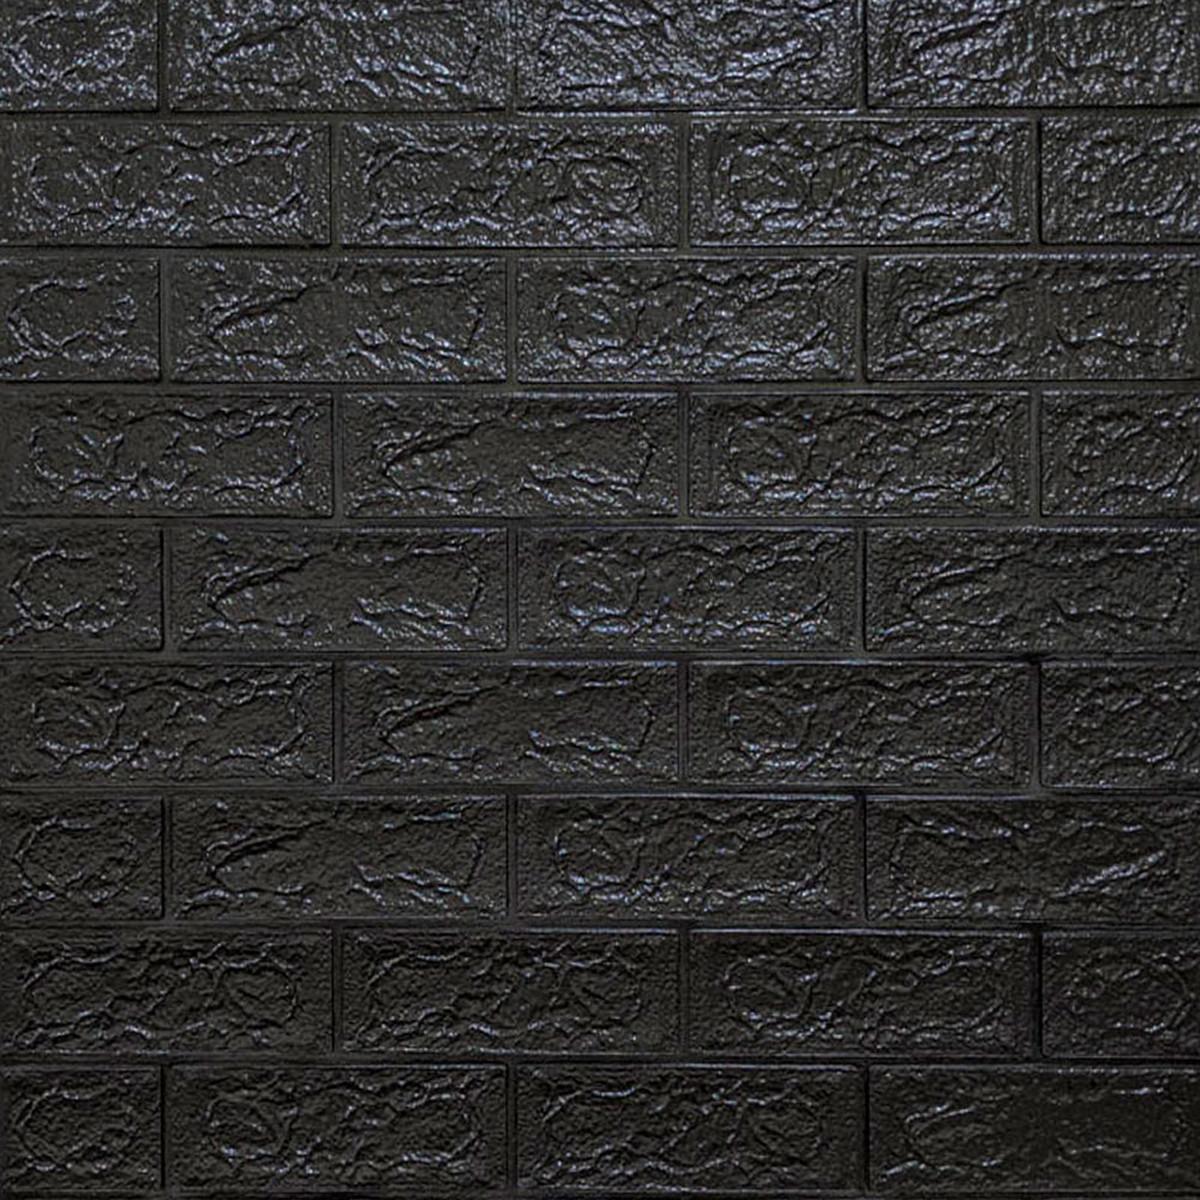 Декоративная 3D панель самоклейка под кирпич Черный 700x770x5мм (019-5)